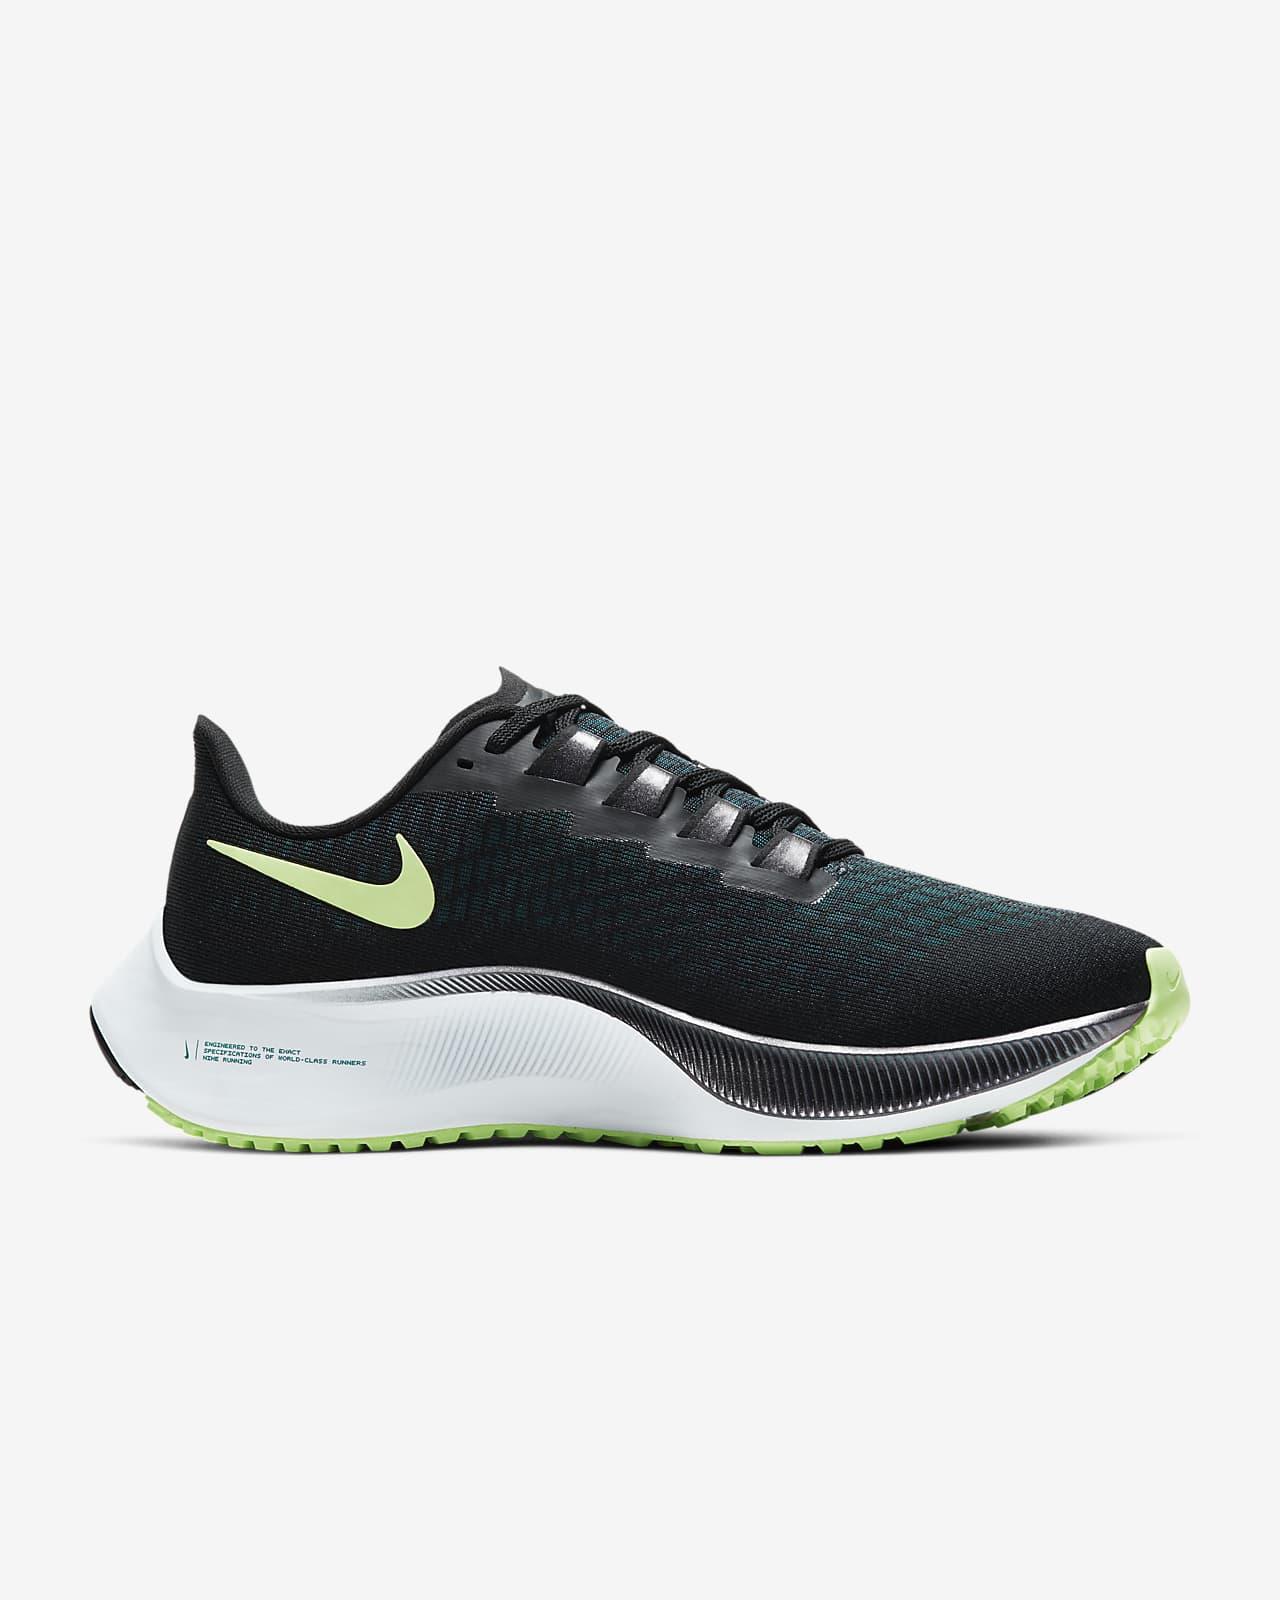 scarpe nike donna running pegasus